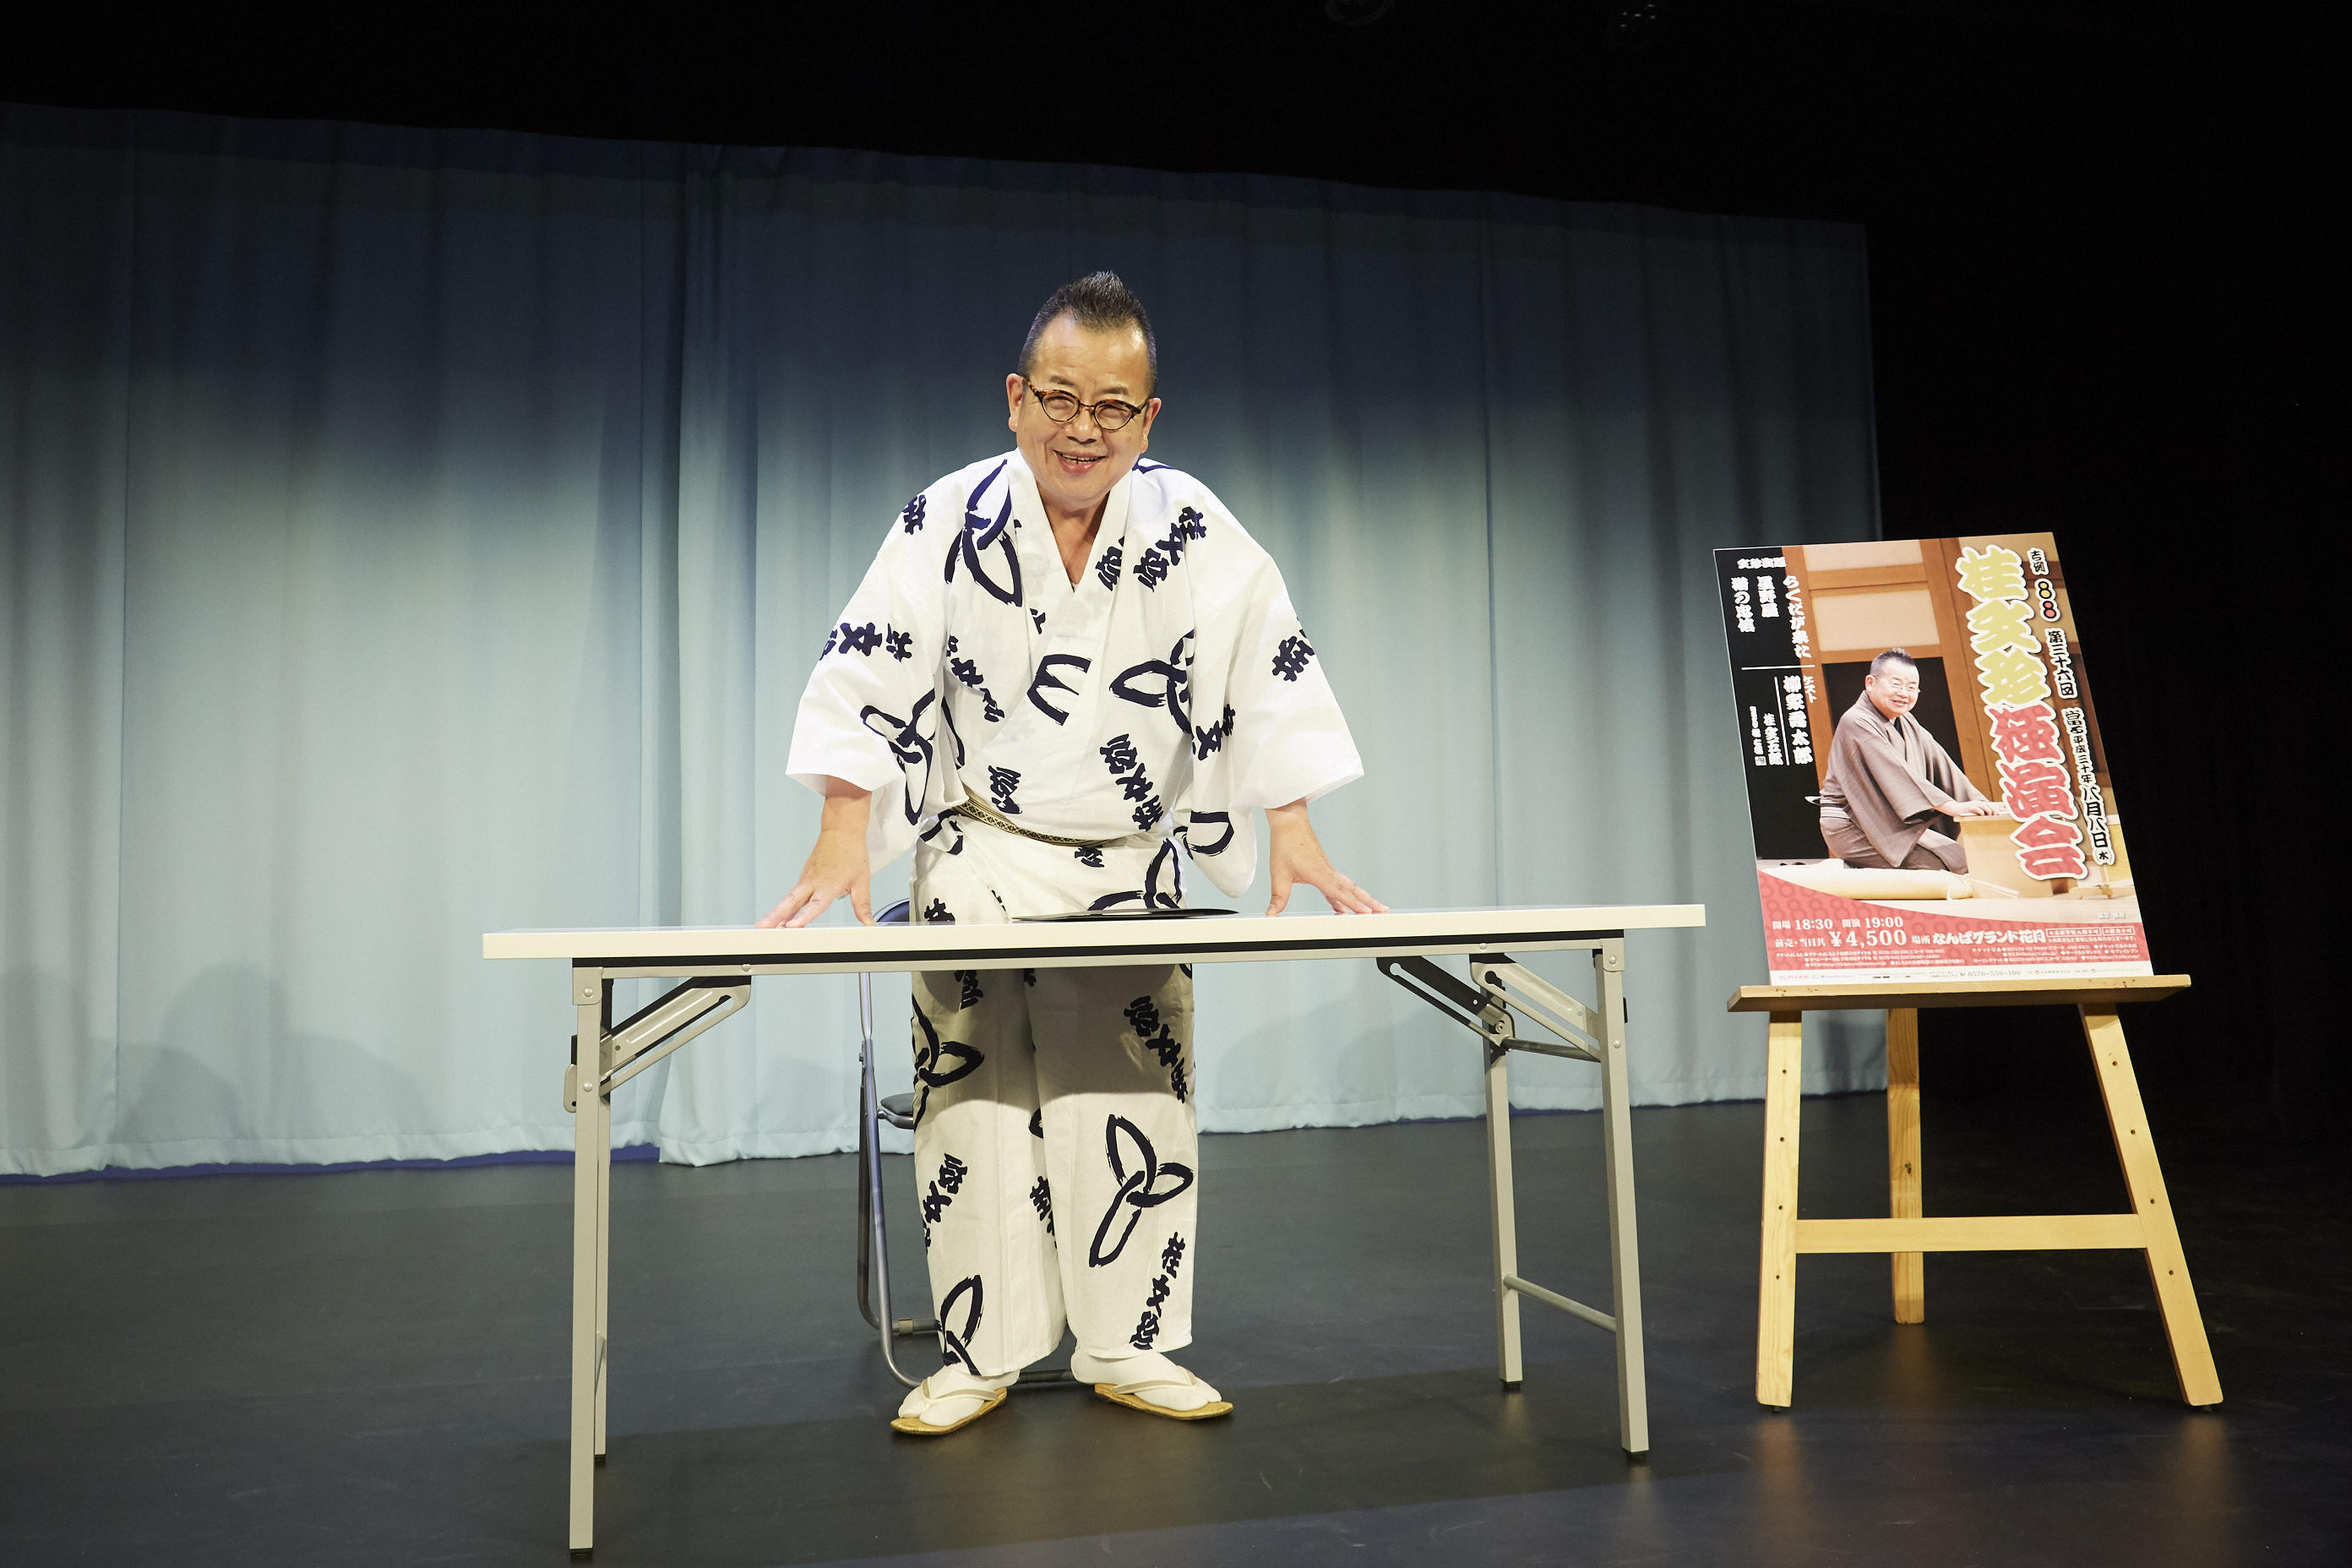 http://news.yoshimoto.co.jp/20180614132020-b2182a0b2c92cd60fd6cc0e4920232160933ea31.jpg